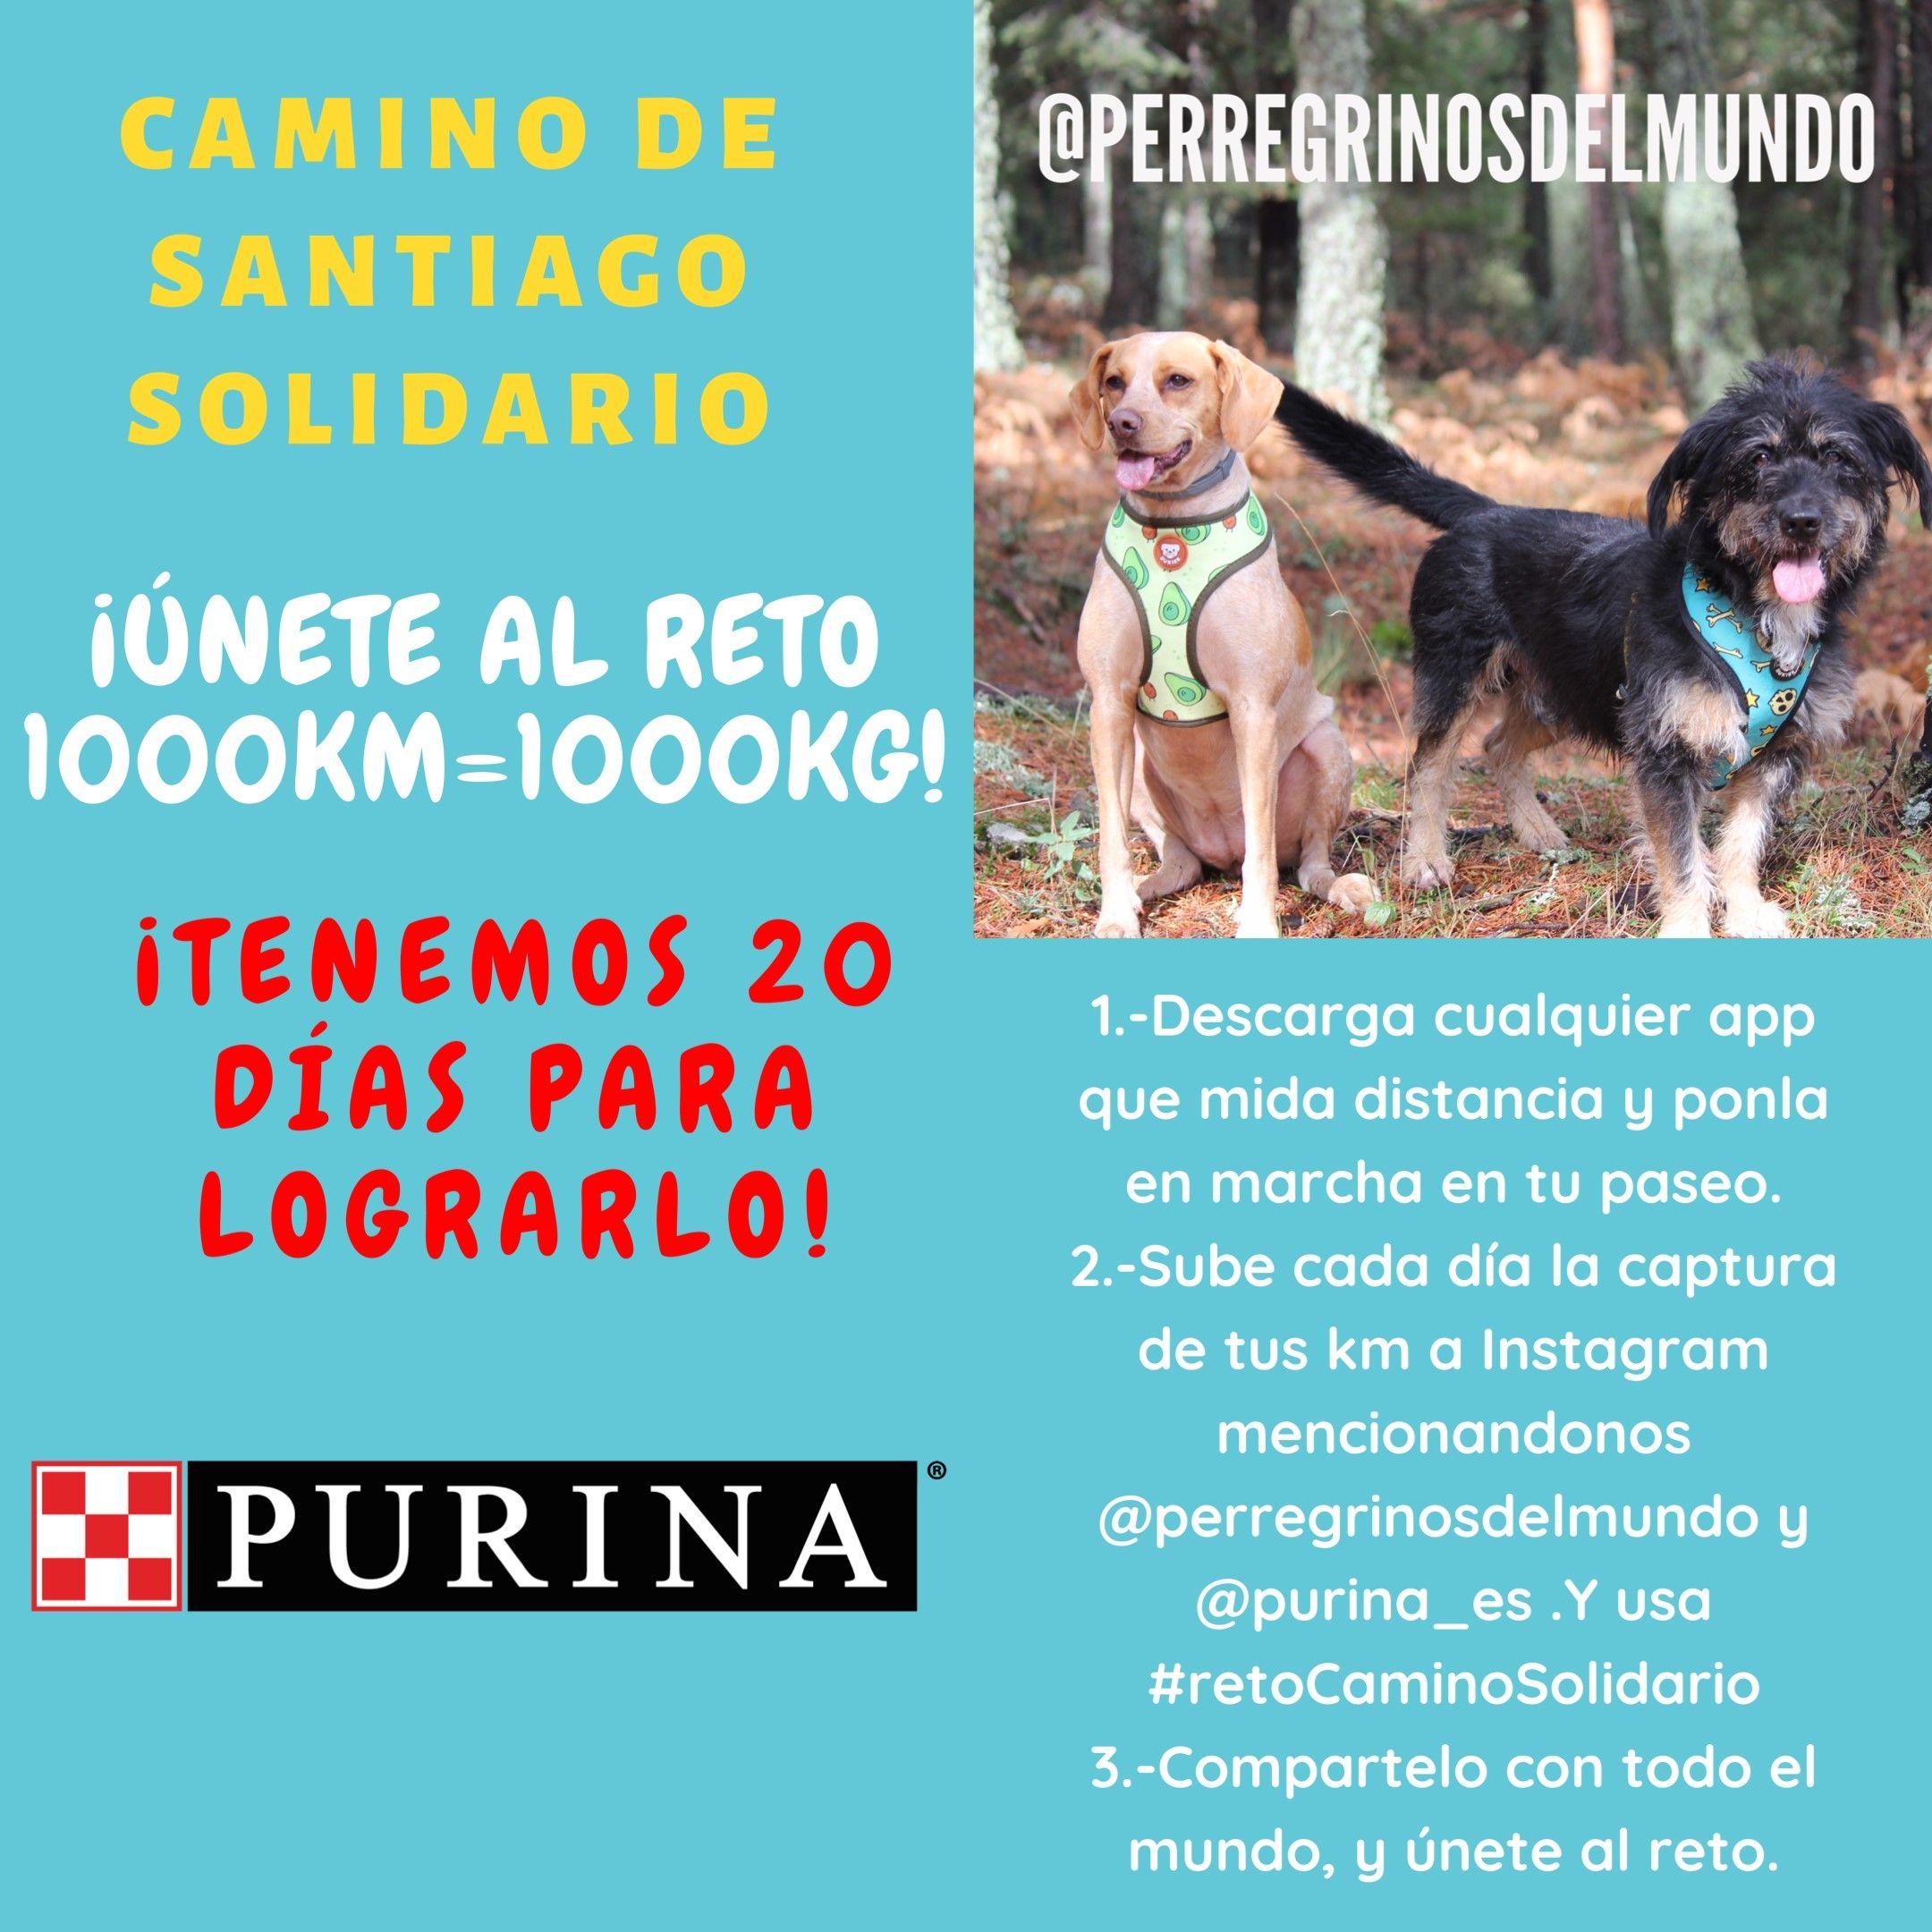 Foto de Purina y PeRRegrinos del Mundo, #retoCaminoSolidario